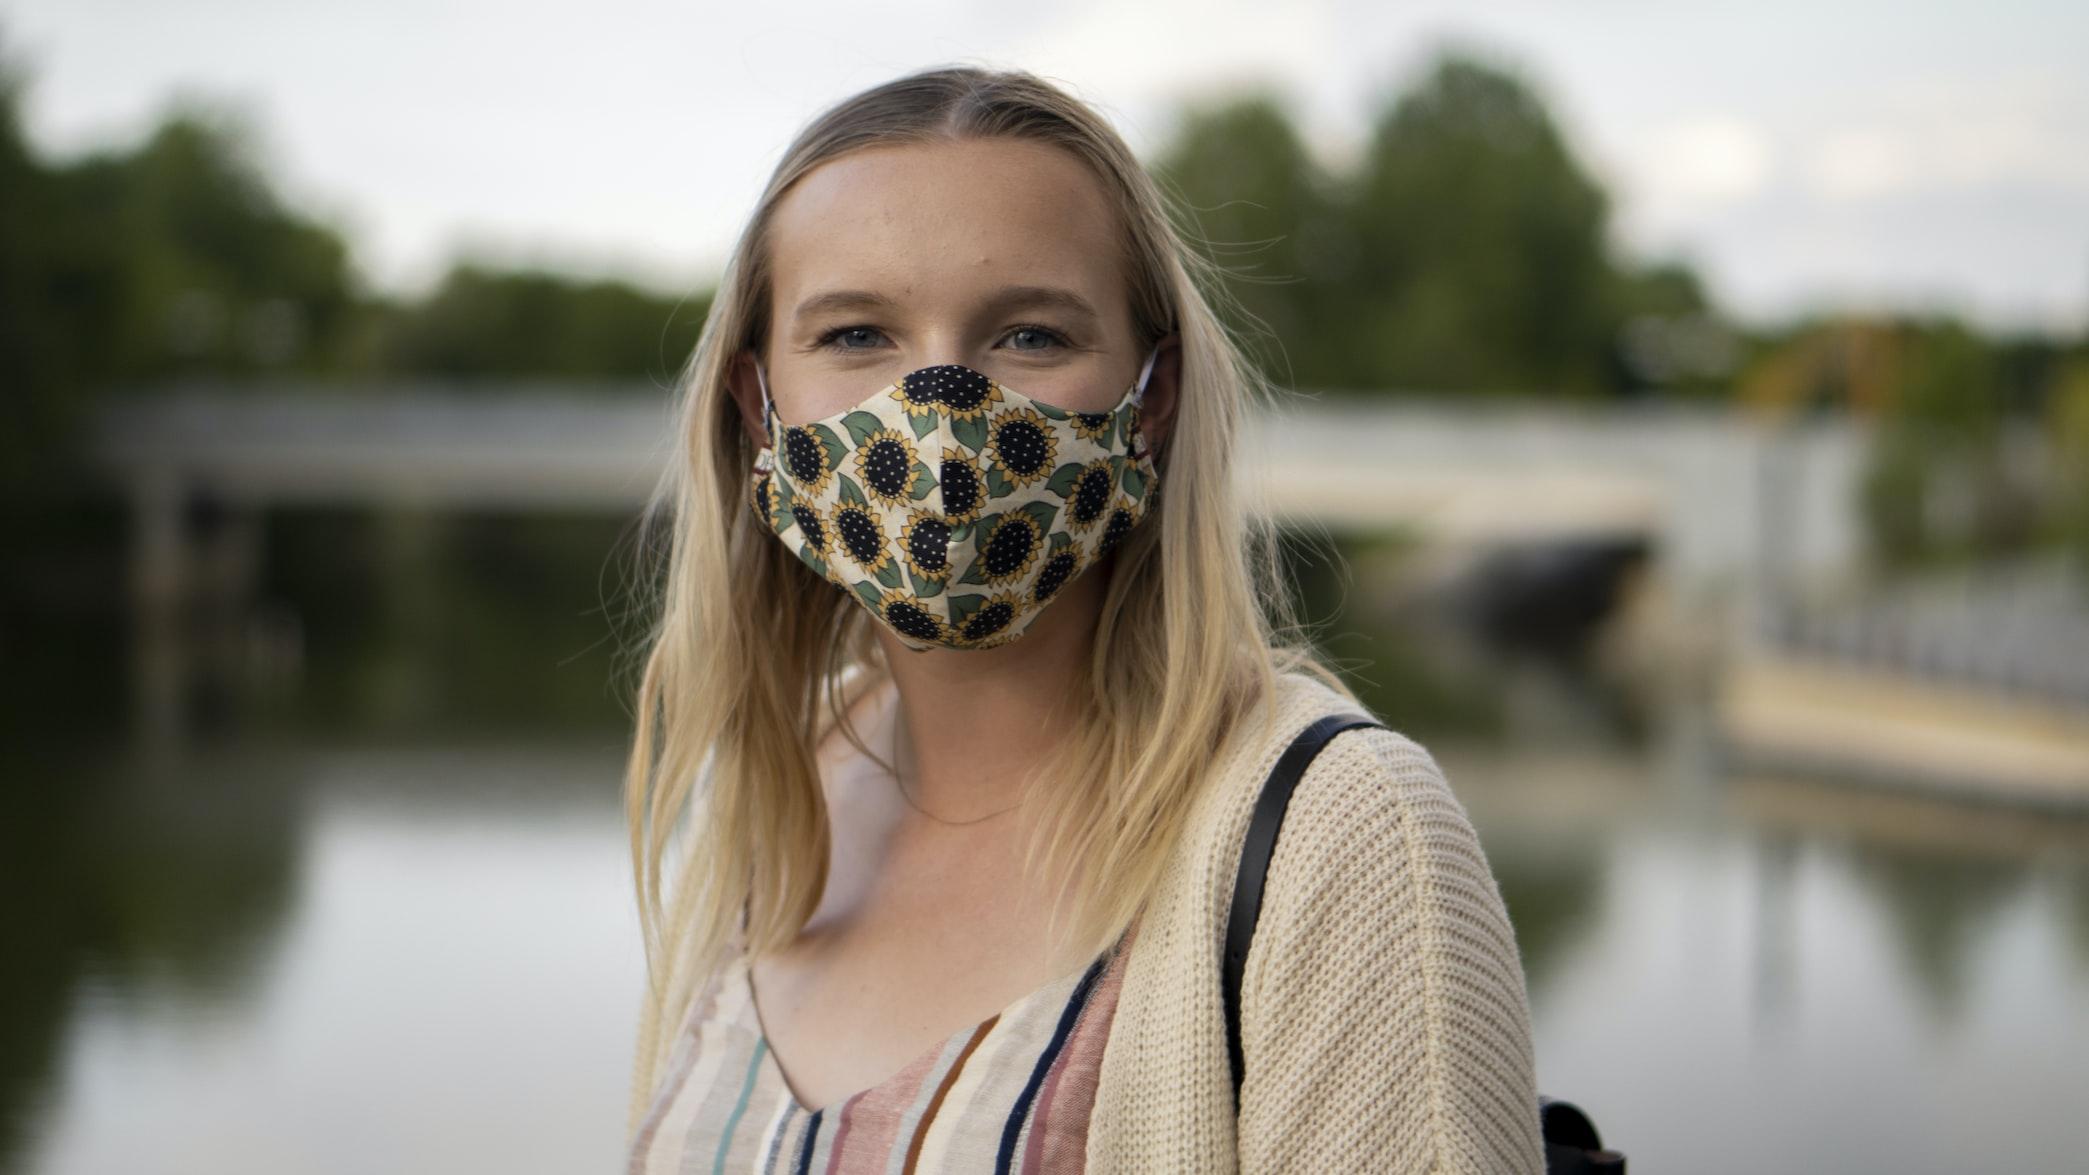 Designer Mask Trend